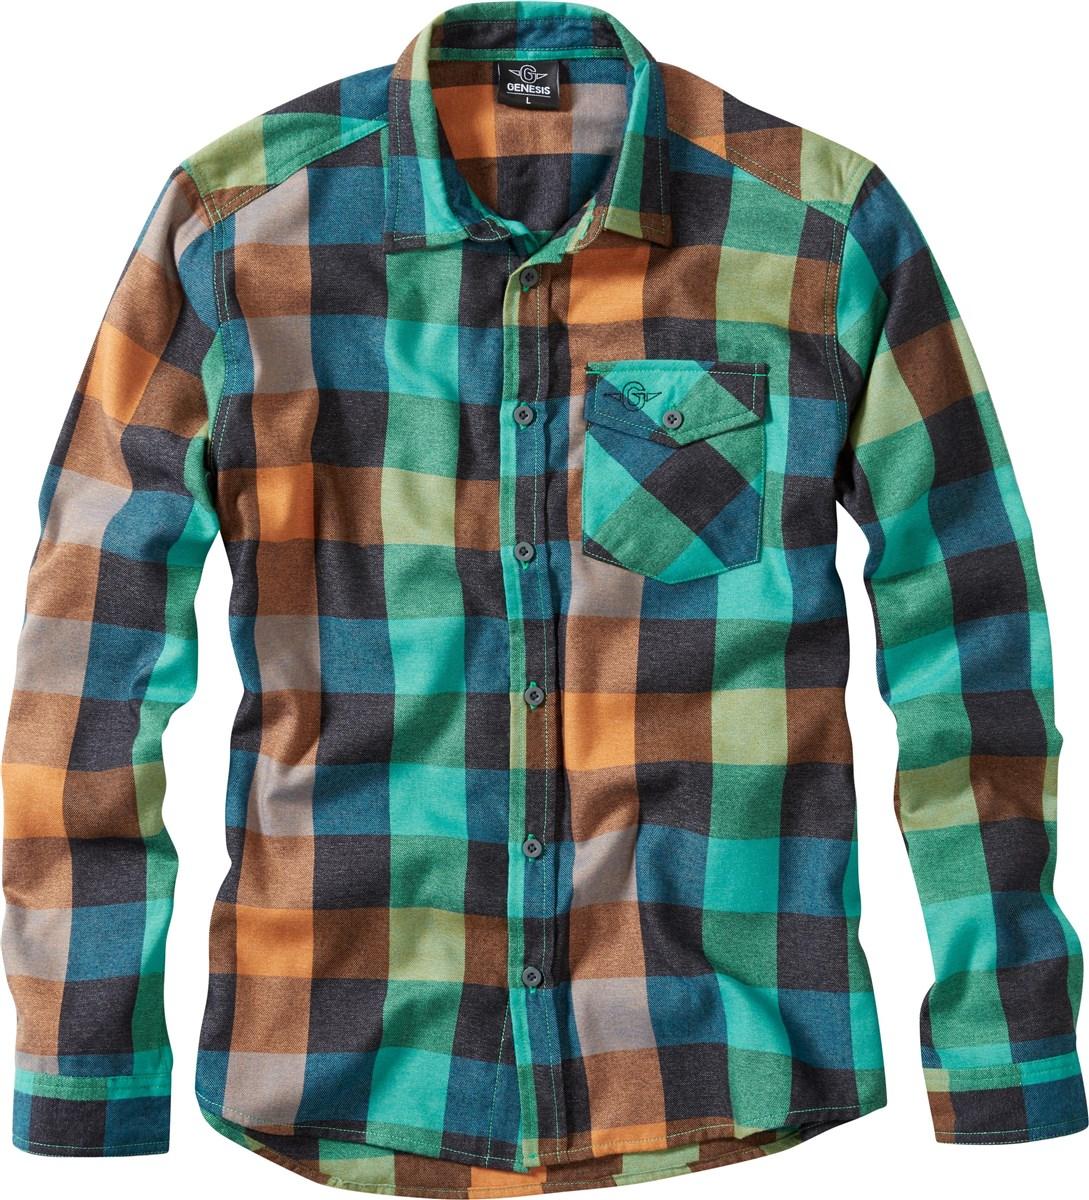 Genesis Flannel Shirt | Jerseys